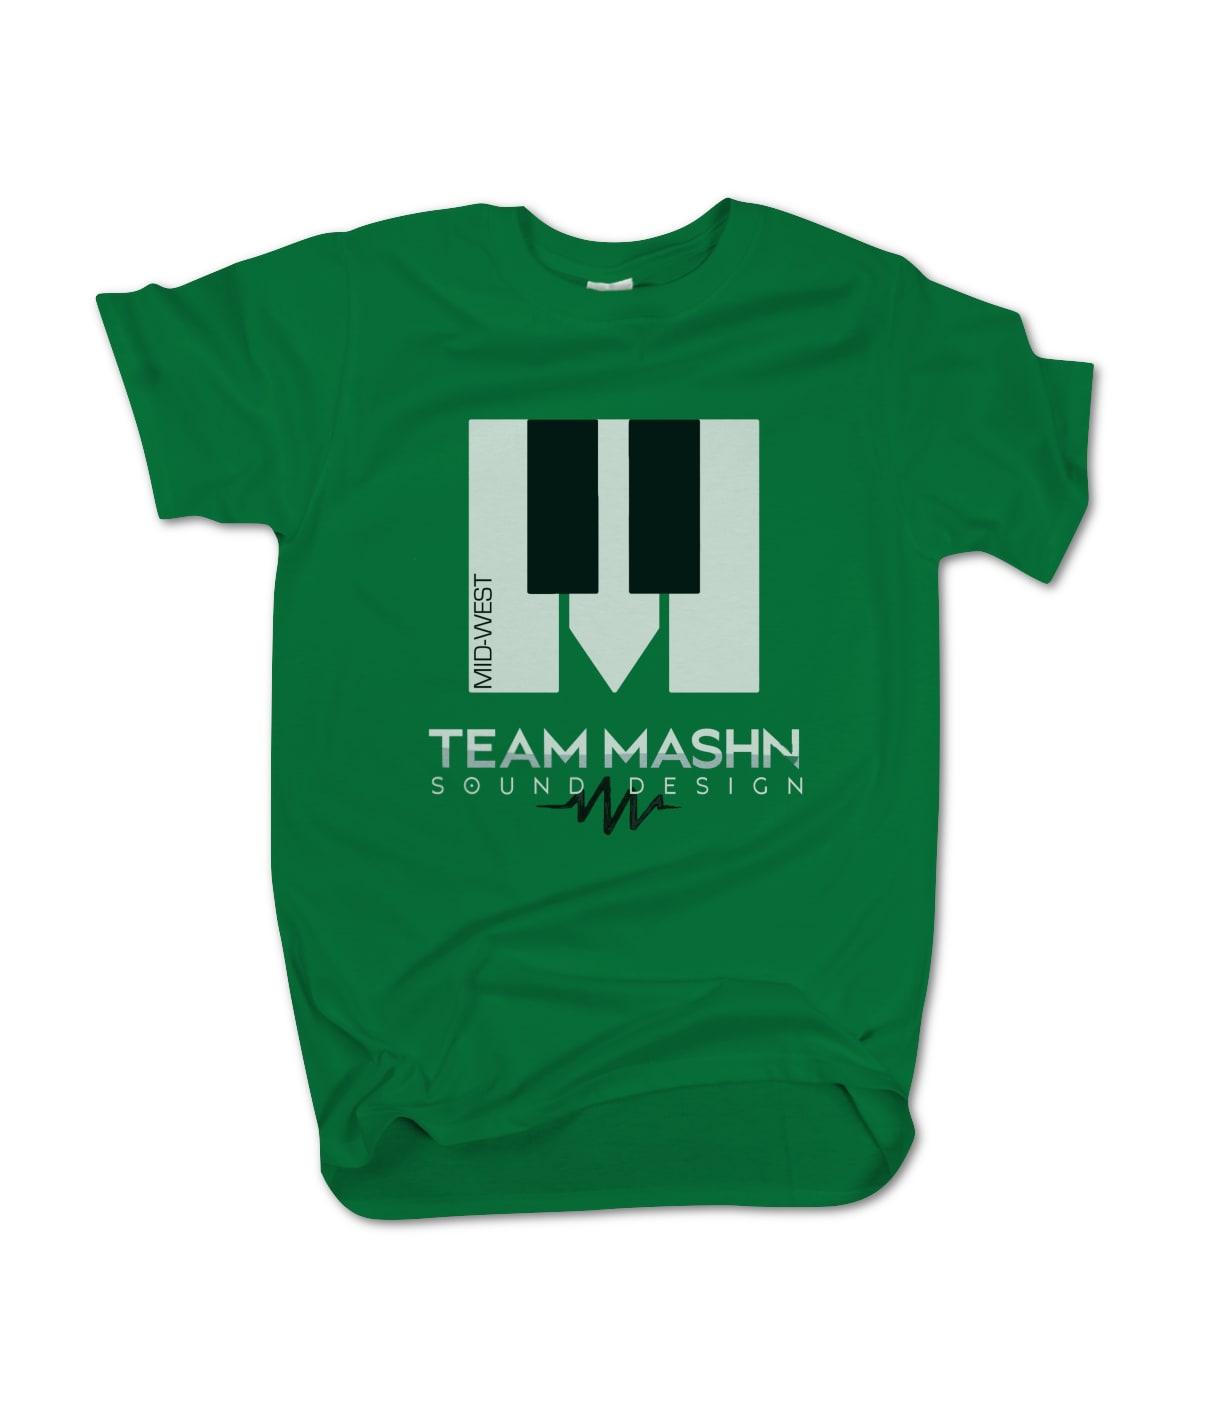 Tmsd team mashn sound design  mid west  1543802650